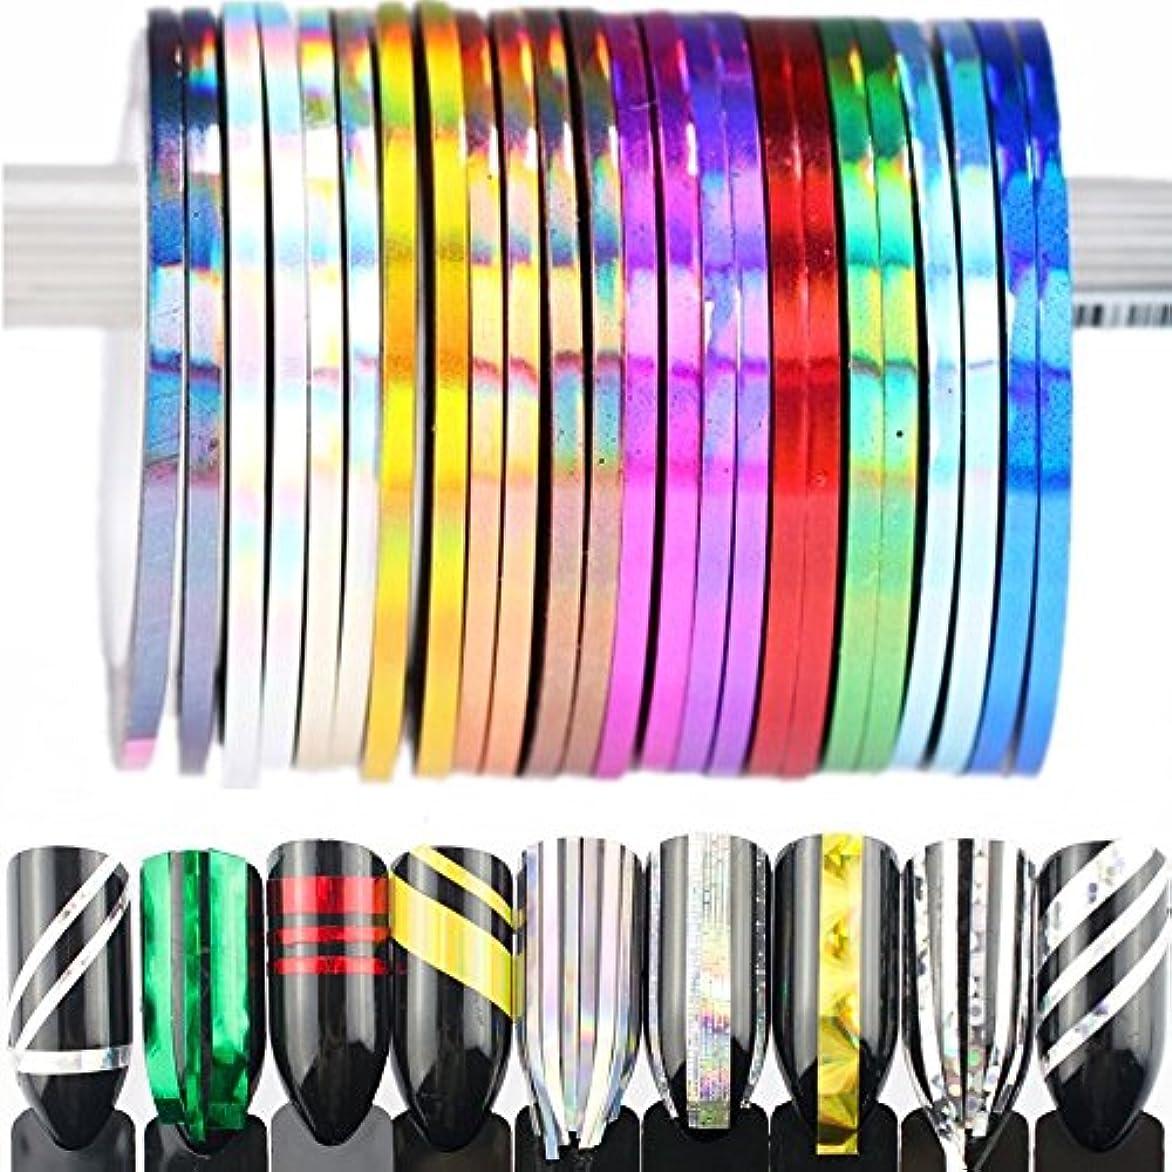 巨大なトランスミッション通り抜けるBlueZOO (ブルーズー) レーザーラインテープ 幅0.8mm/2mm/3mm ジェルネイルアート用品 輝き ゴールド シルバー フレンチ ライン テープ ネイルシール ストライピングテープ 爪 アクセサリー